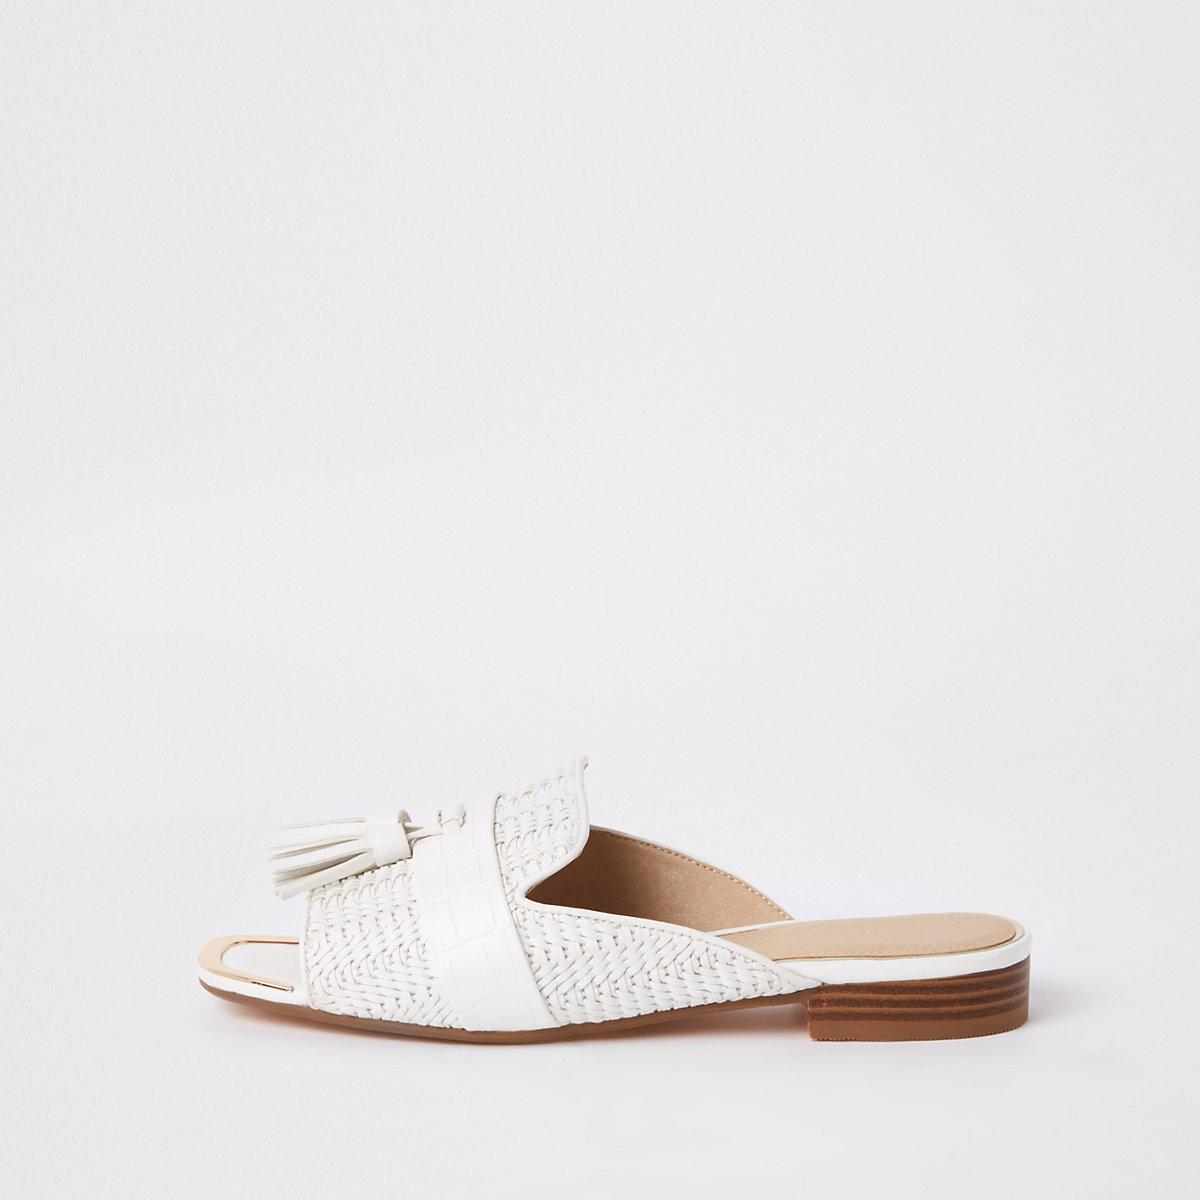 White tassel peep toe mule